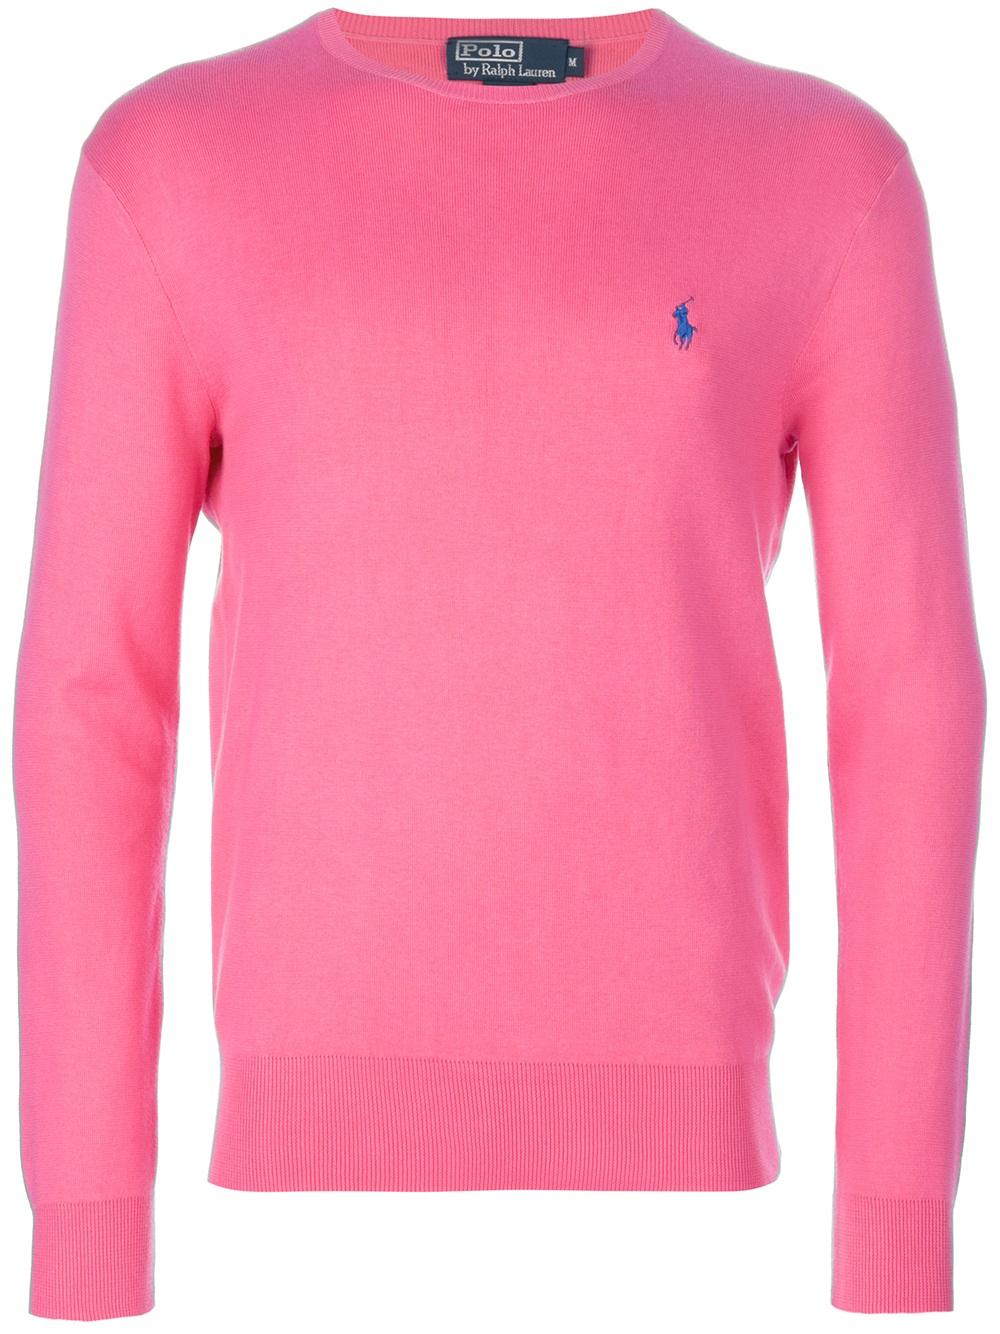 Polo ralph lauren Crew Neck Sweater in Pink for Men | Lyst